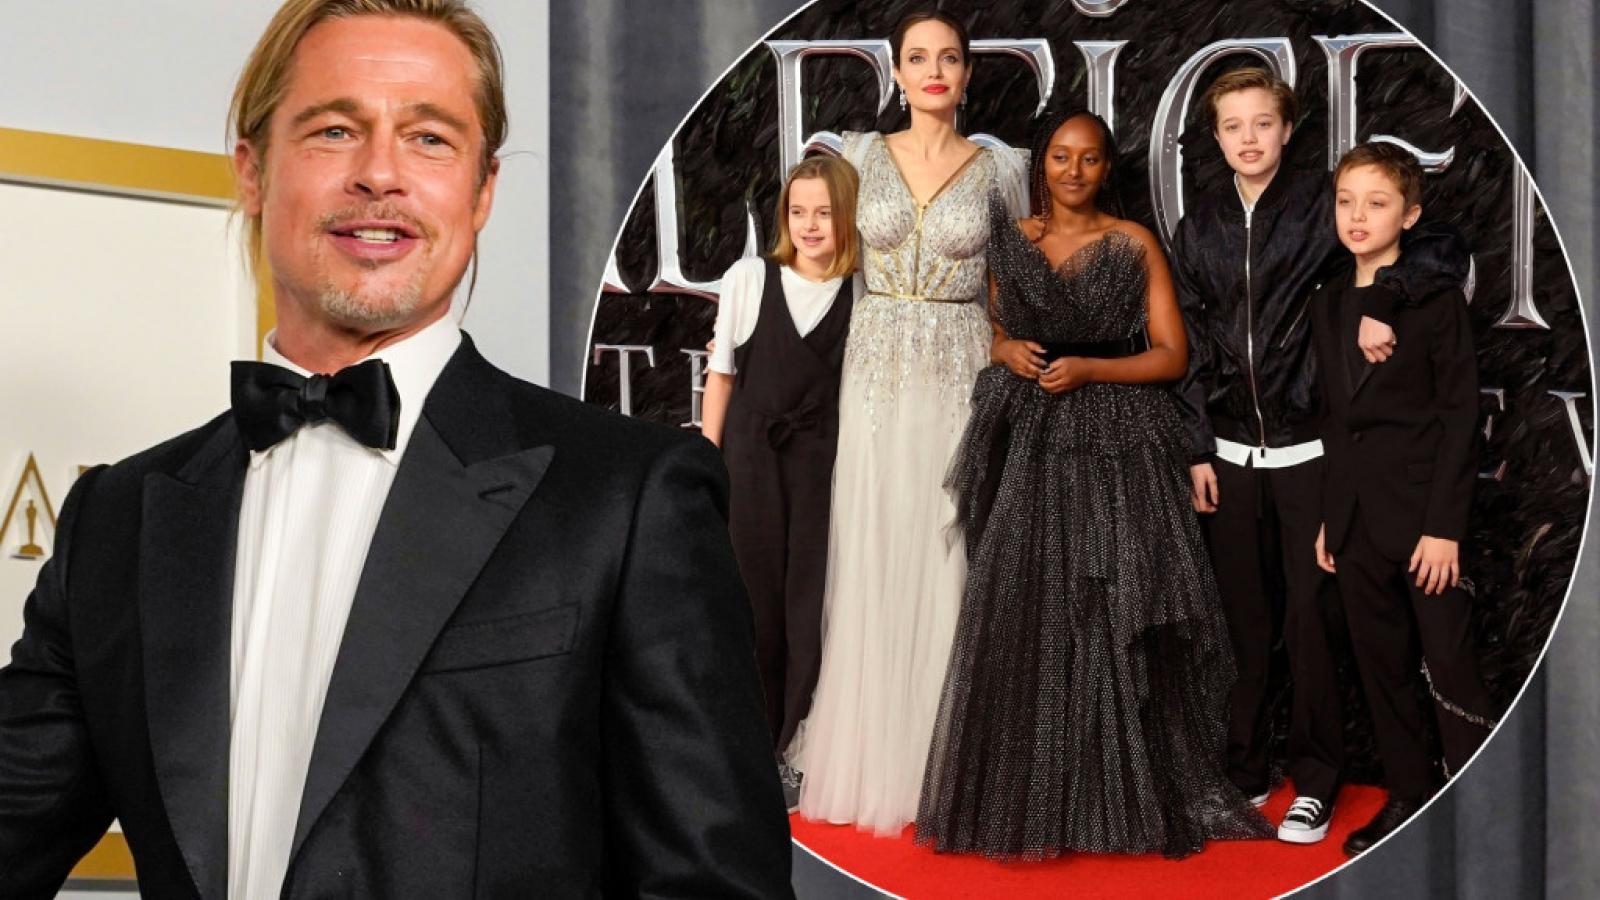 Brad Pitt thắng kiện vụ tranh chấp giành quyền nuôi con với Angelina Jolie